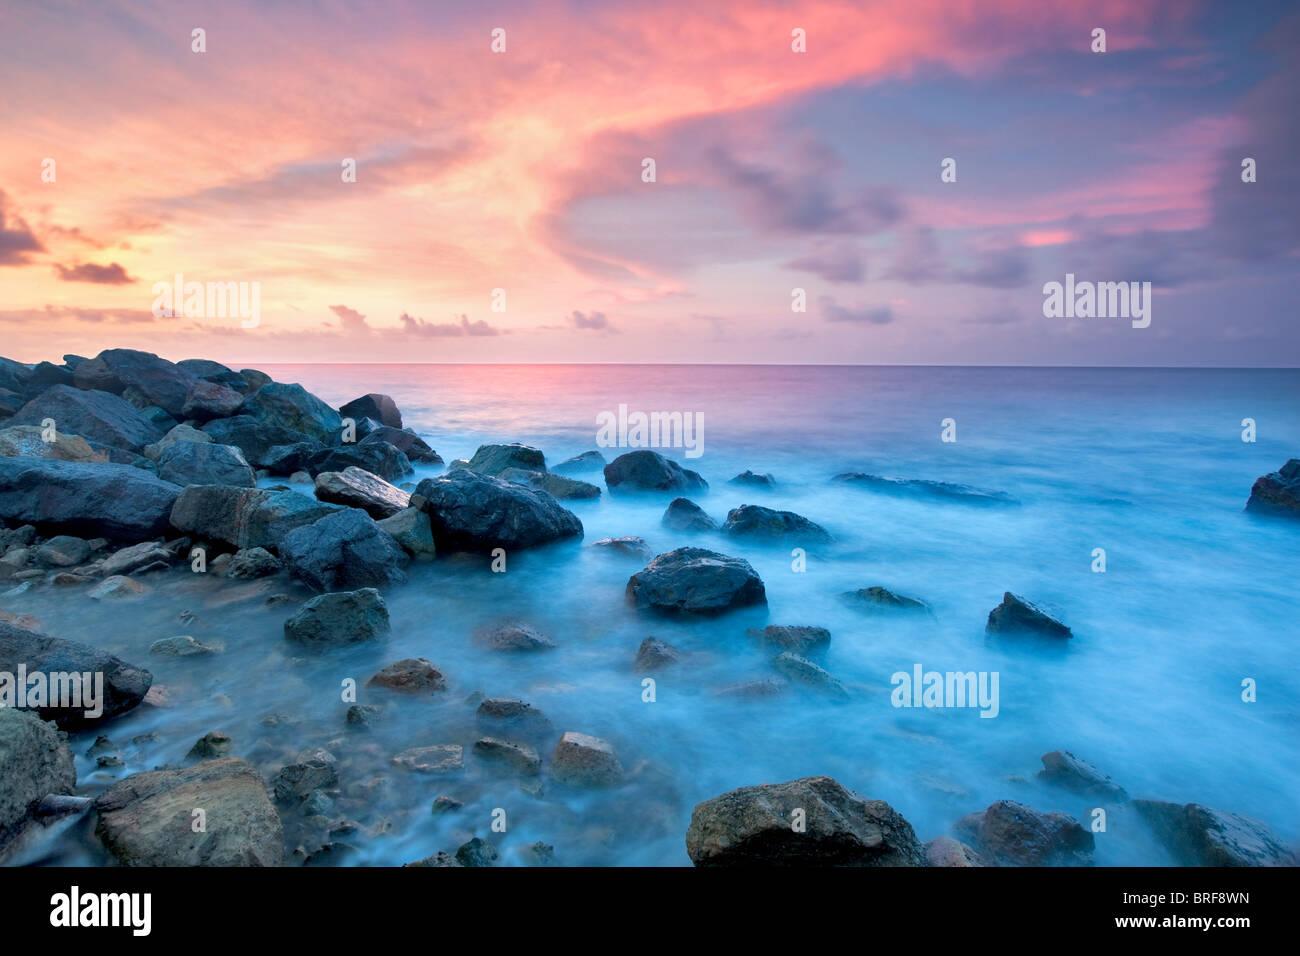 Coucher du soleil de la côte. Saint Thomas. Îles Vierges Américaines Photo Stock